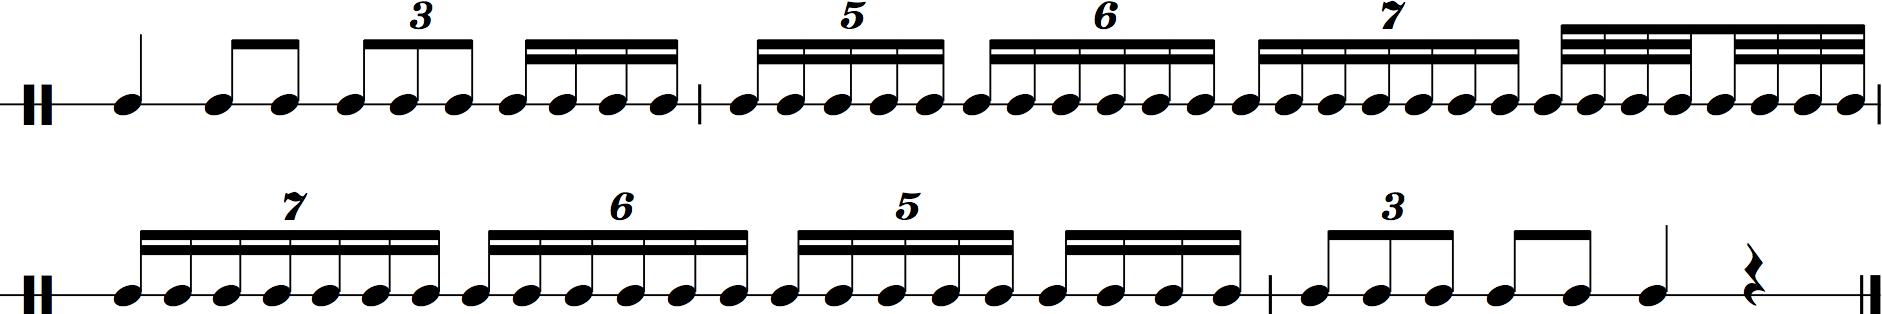 Music 16d Fall 2014 Links - Www imagez co